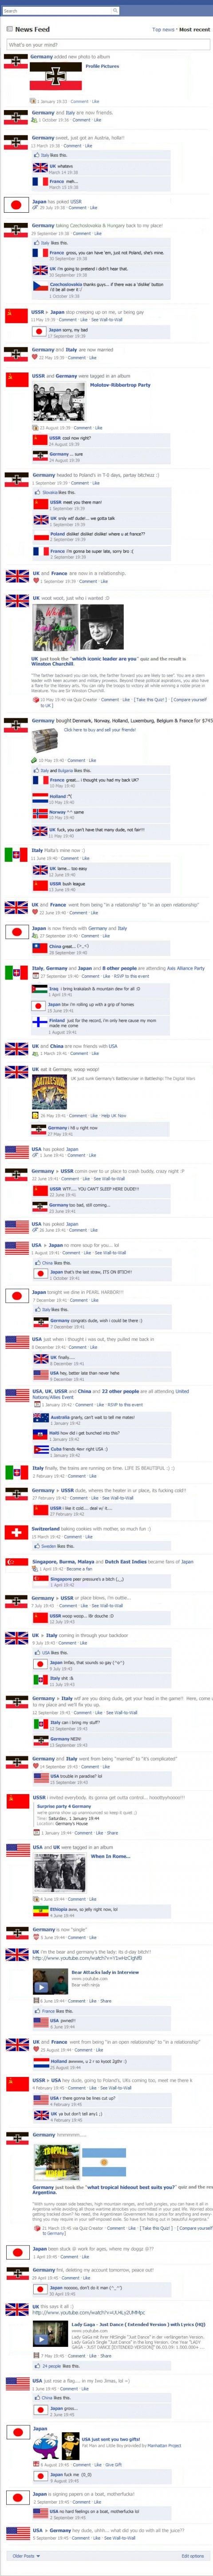 Geschichte einmal anders: der Zweite Weltkrieg auf Facebook